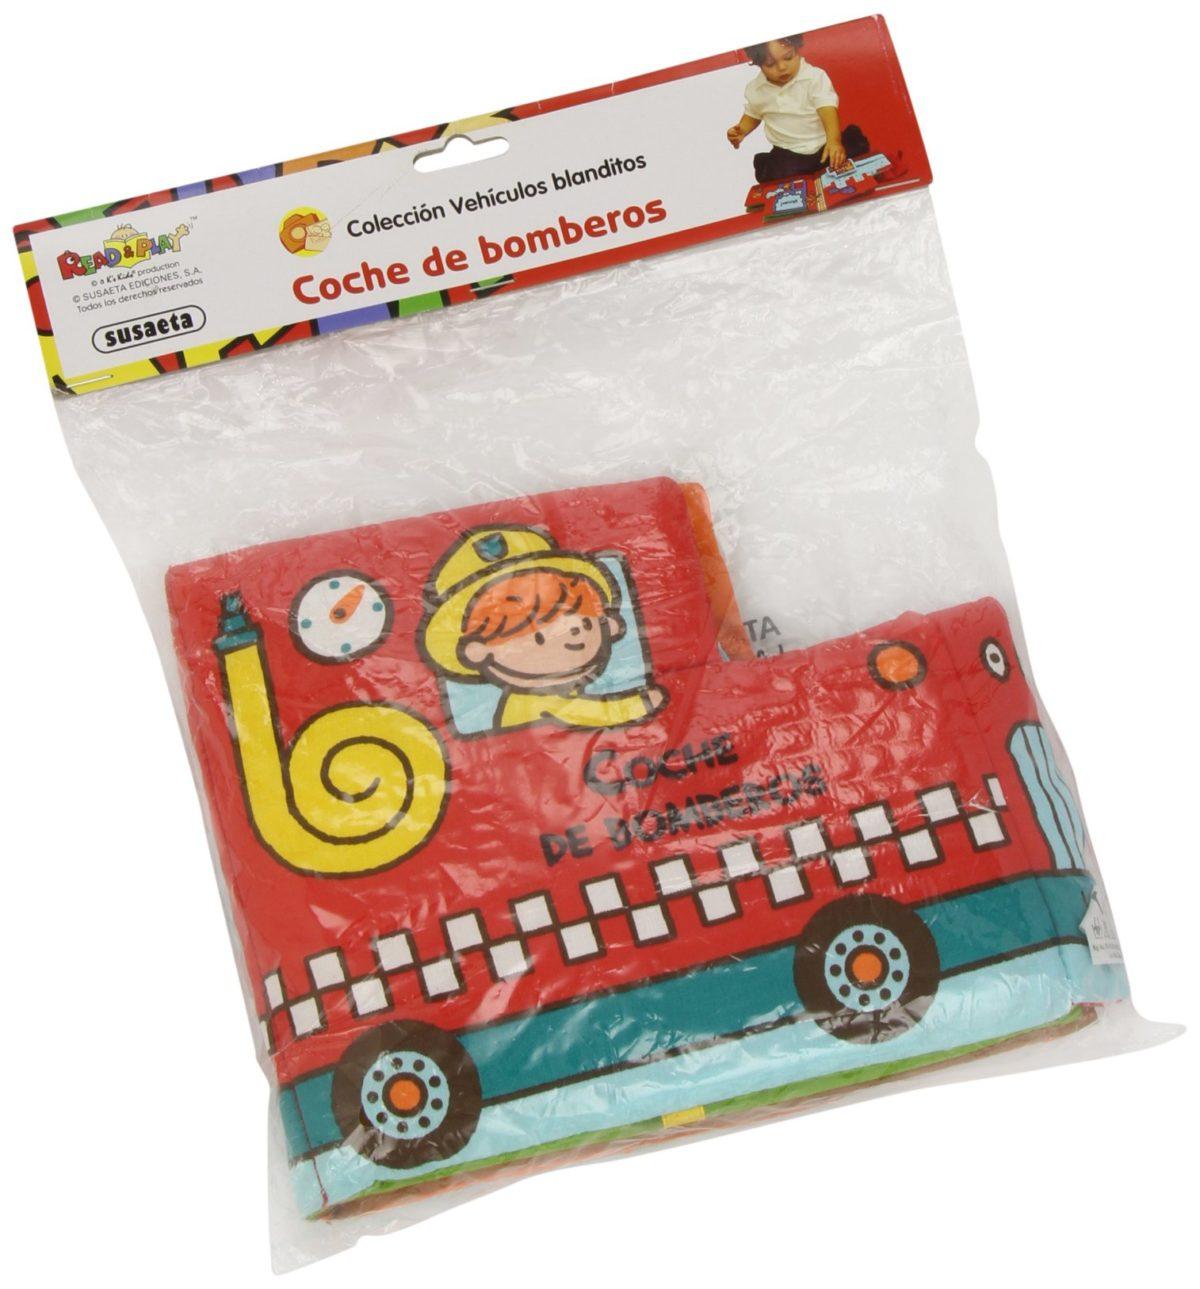 Coche de bomberos (Vehículos blanditos) (Español) Libro de tela